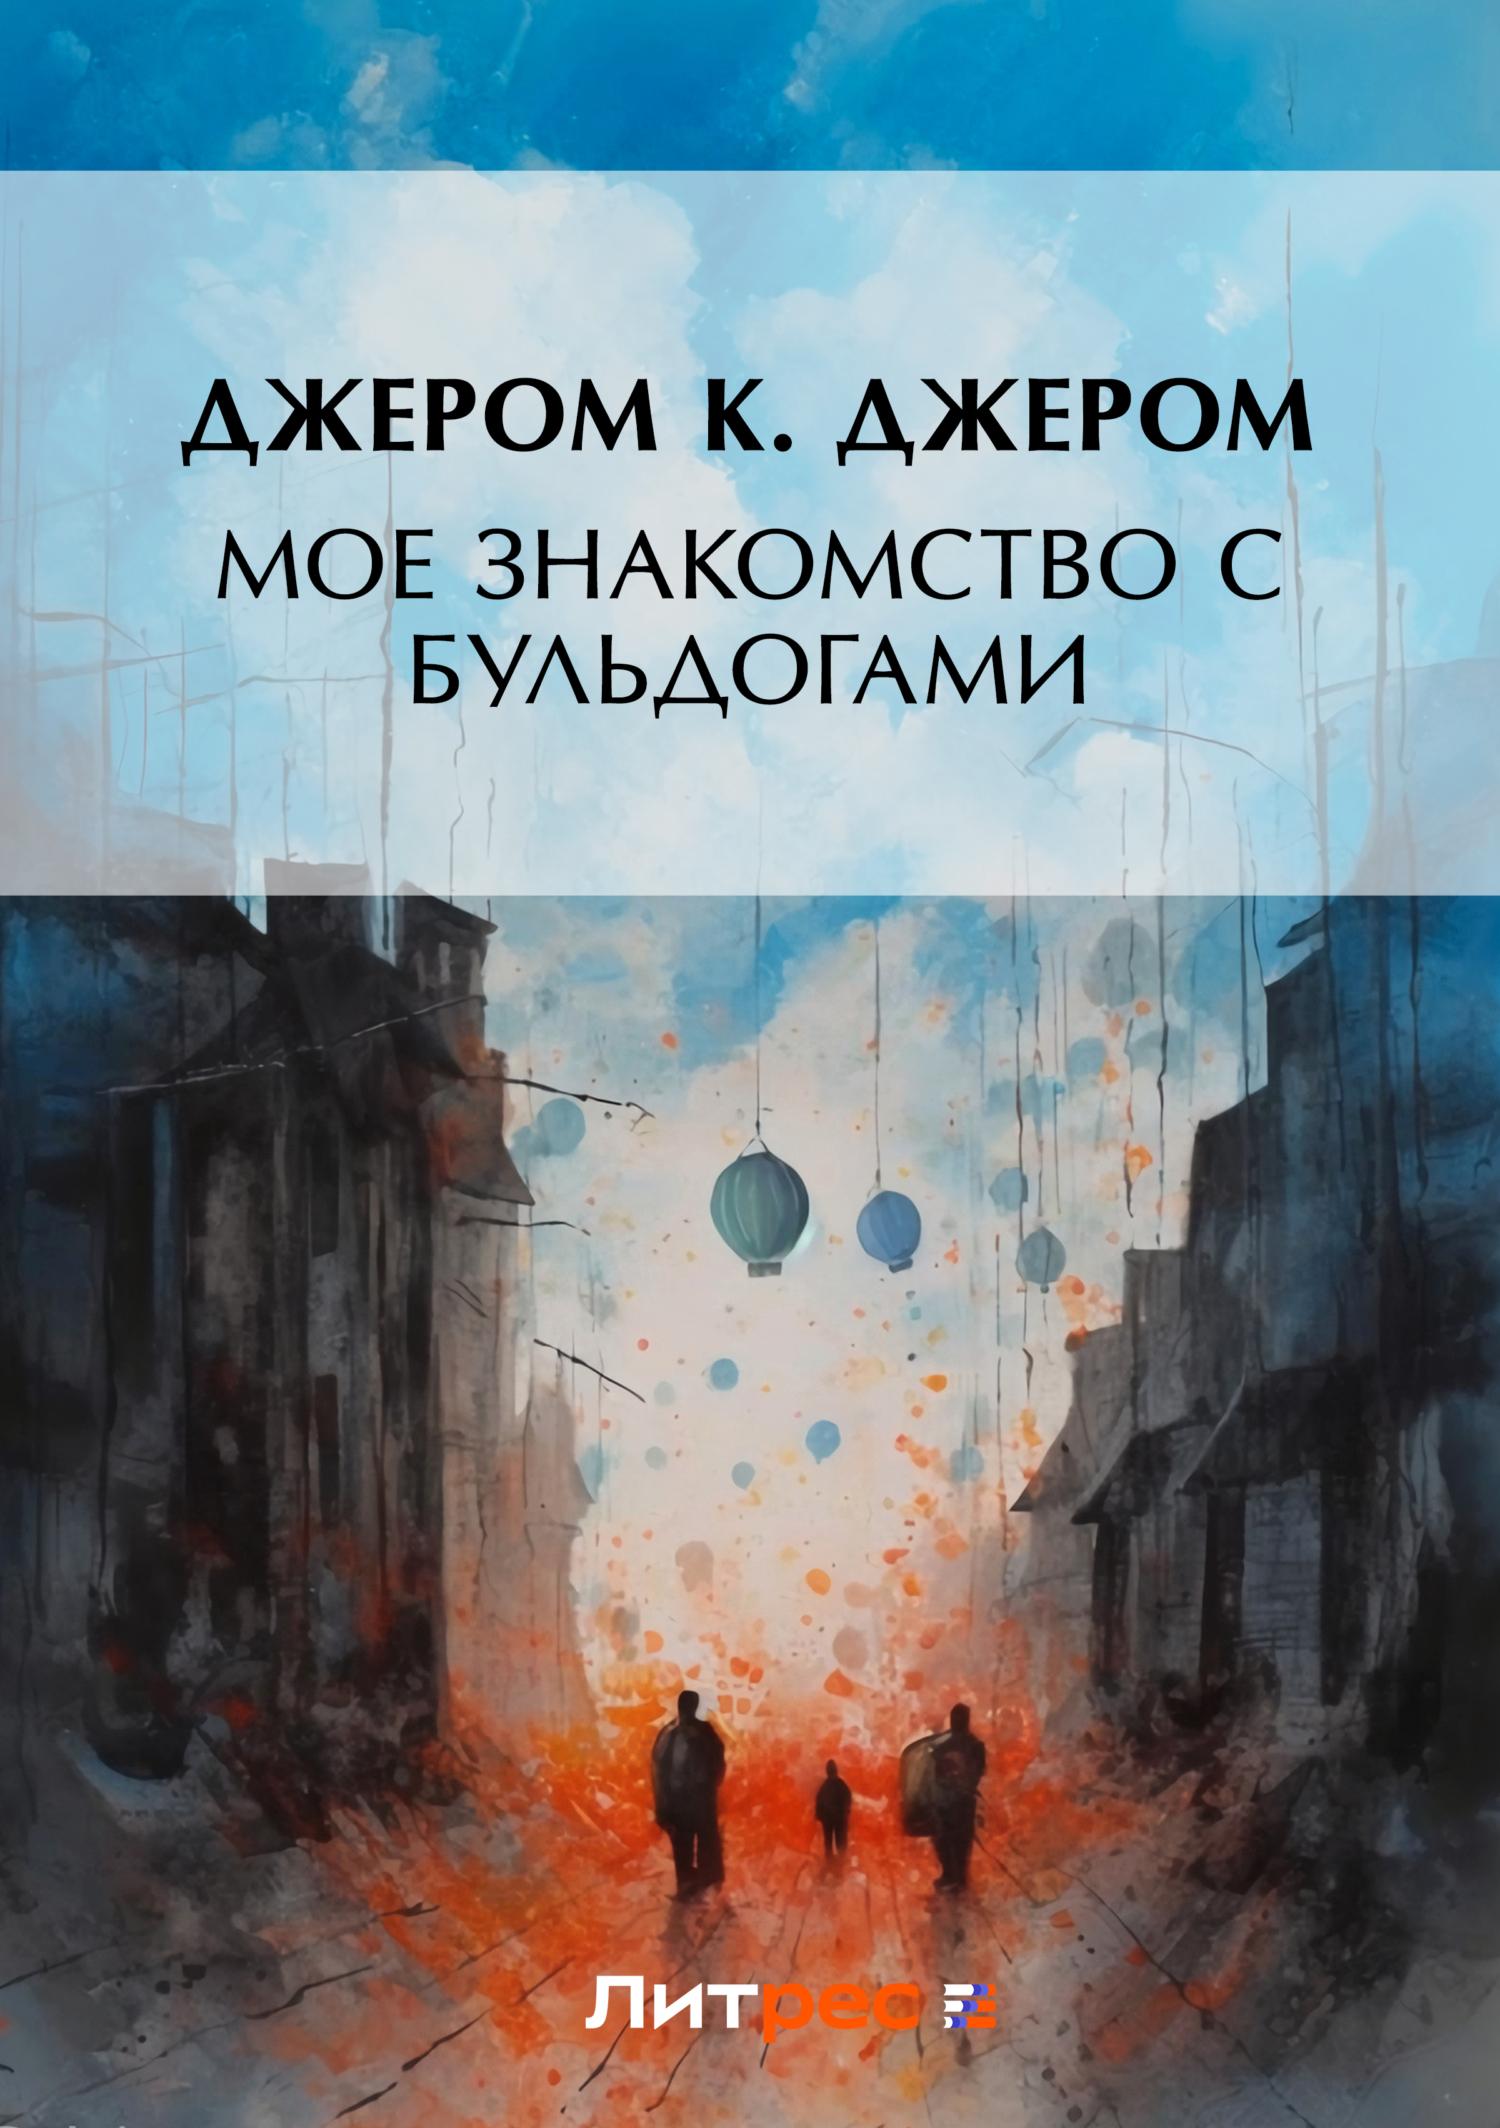 Джером Клапка Джером Мое знакомство с бульдогами (сборник)